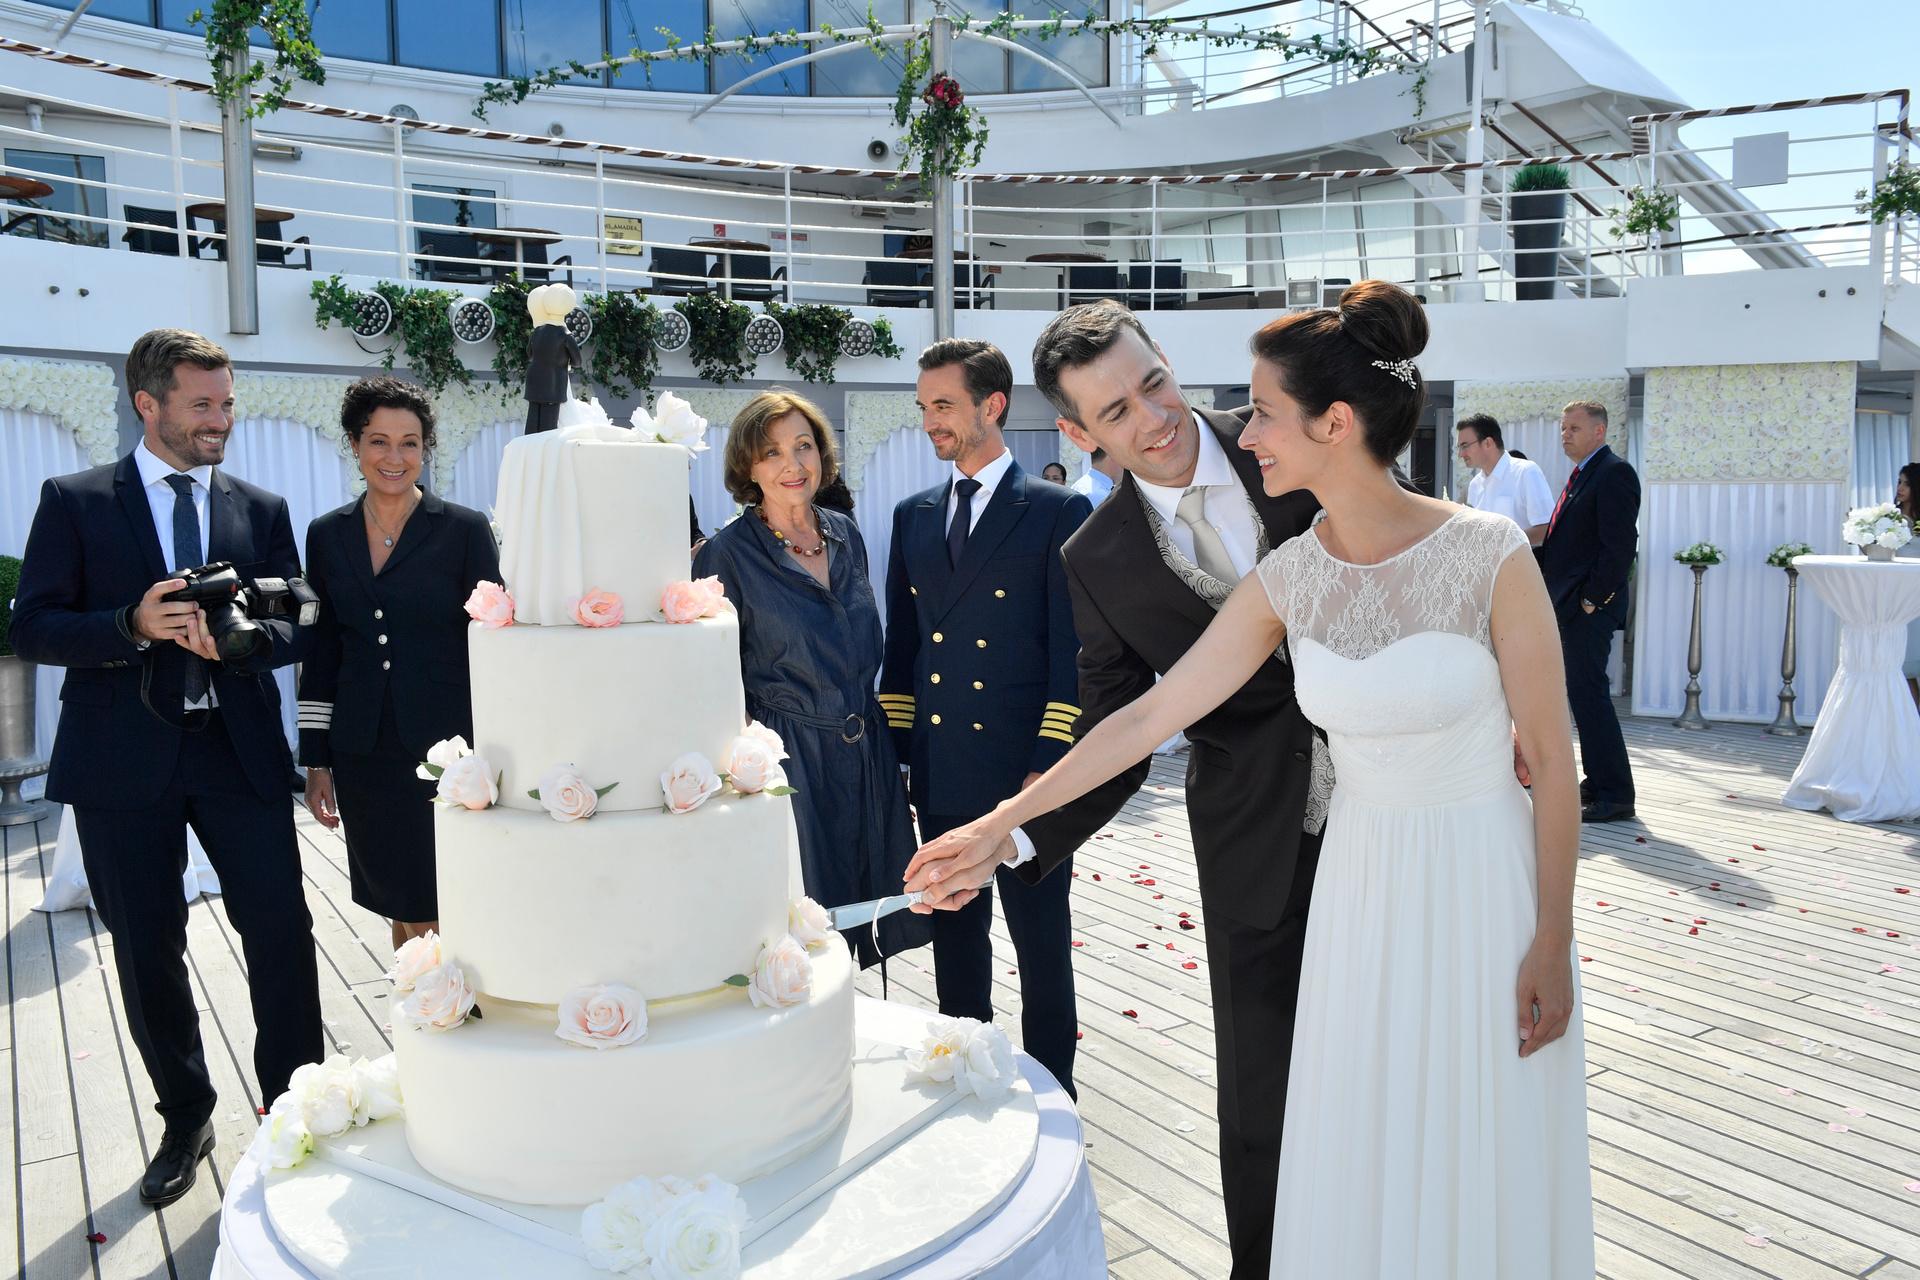 """Hochzeitsreise nach Tirol ZDF, 21.45 Uhr: """"Kreuzfahrt ins Glück - Hochzeitsreise nach Tirol"""""""